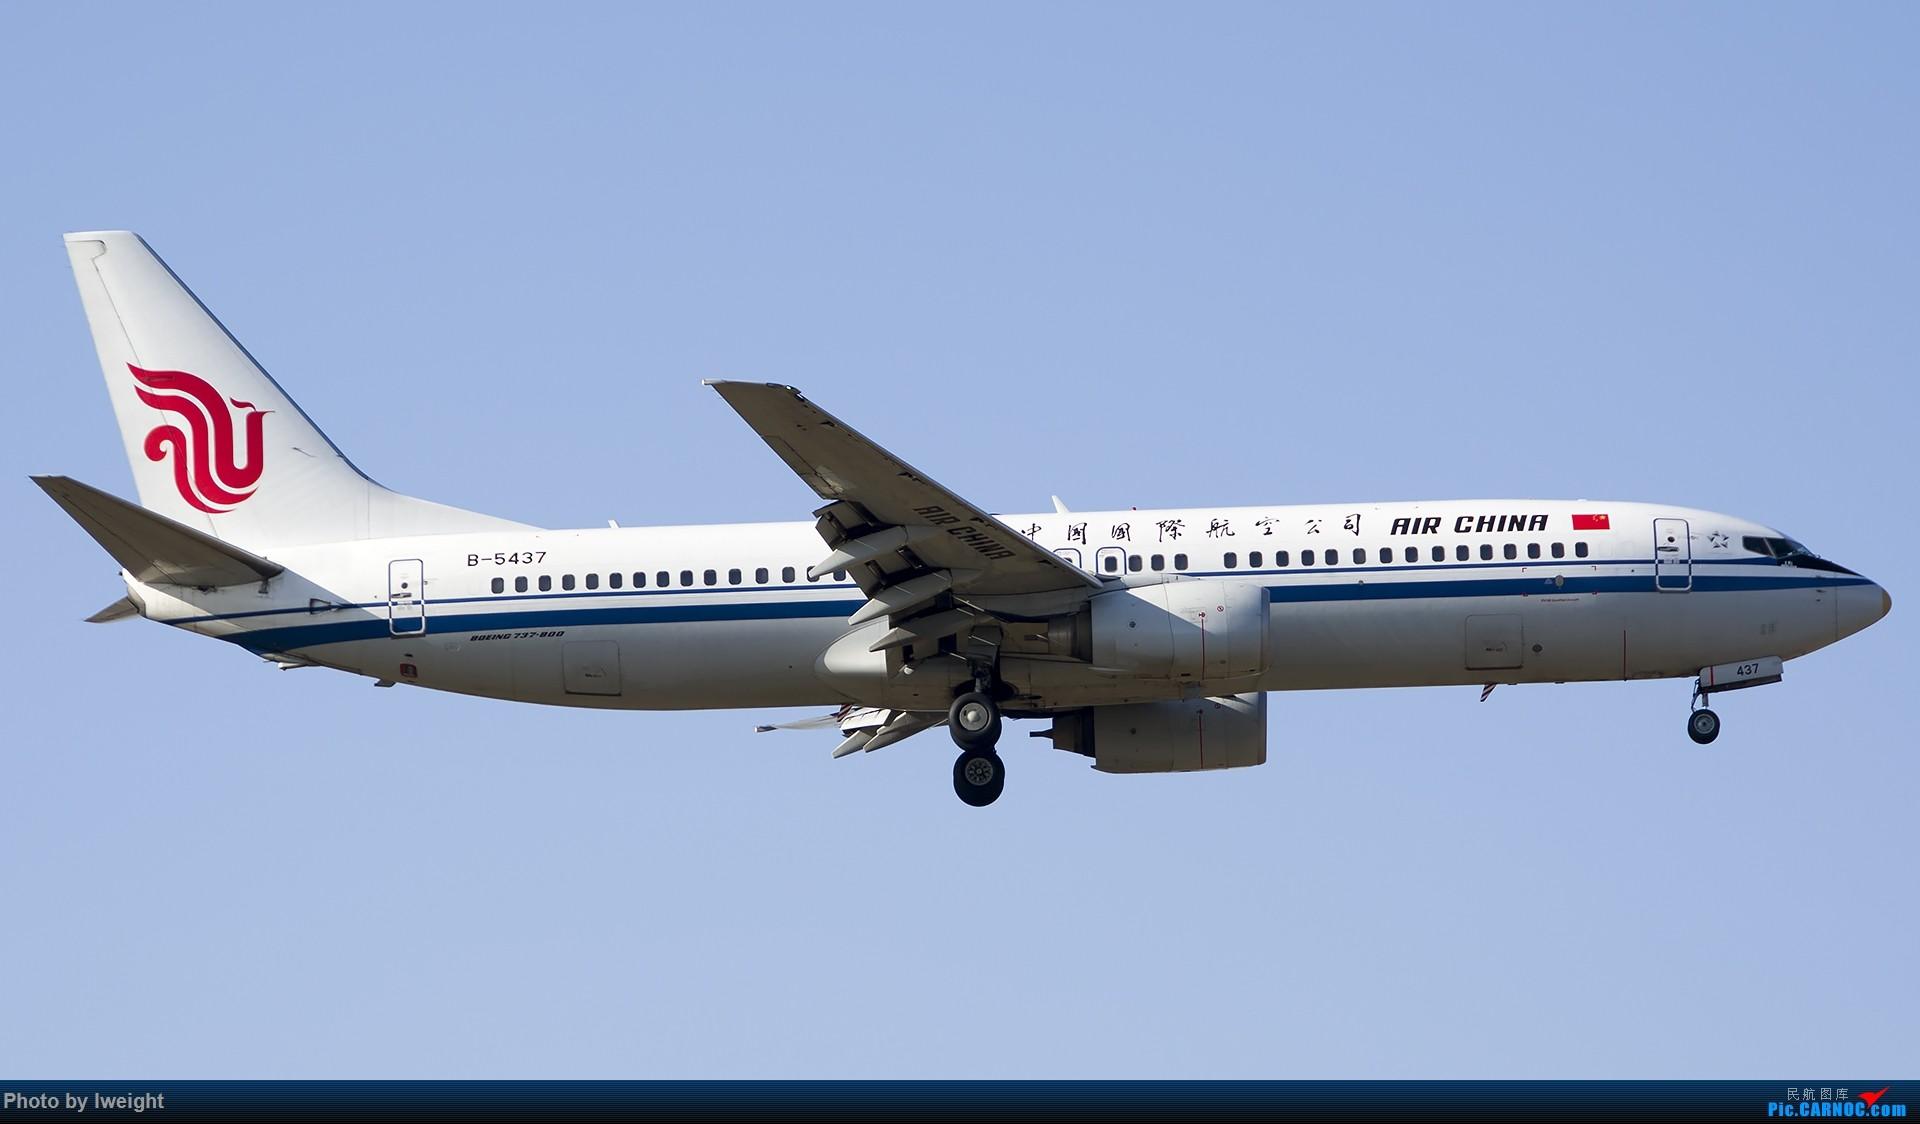 Re:[原创]2014-12-06 PEK天气由好变坏的直接体验 BOEING 737-800 B-5437 中国北京首都国际机场